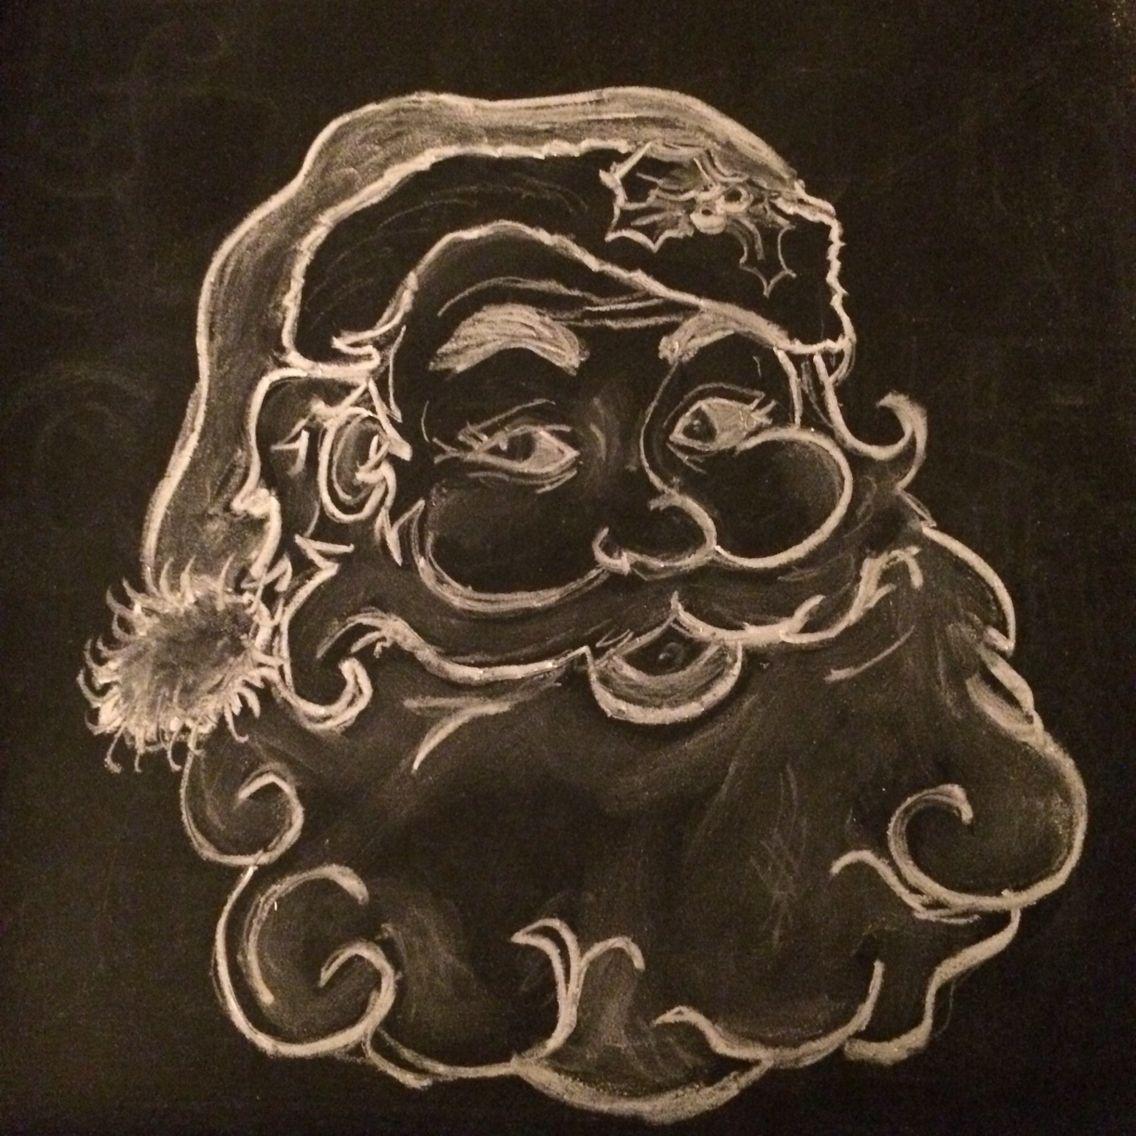 Blackboard Artwork Ideas: Brush Lettering/chalkboard Art